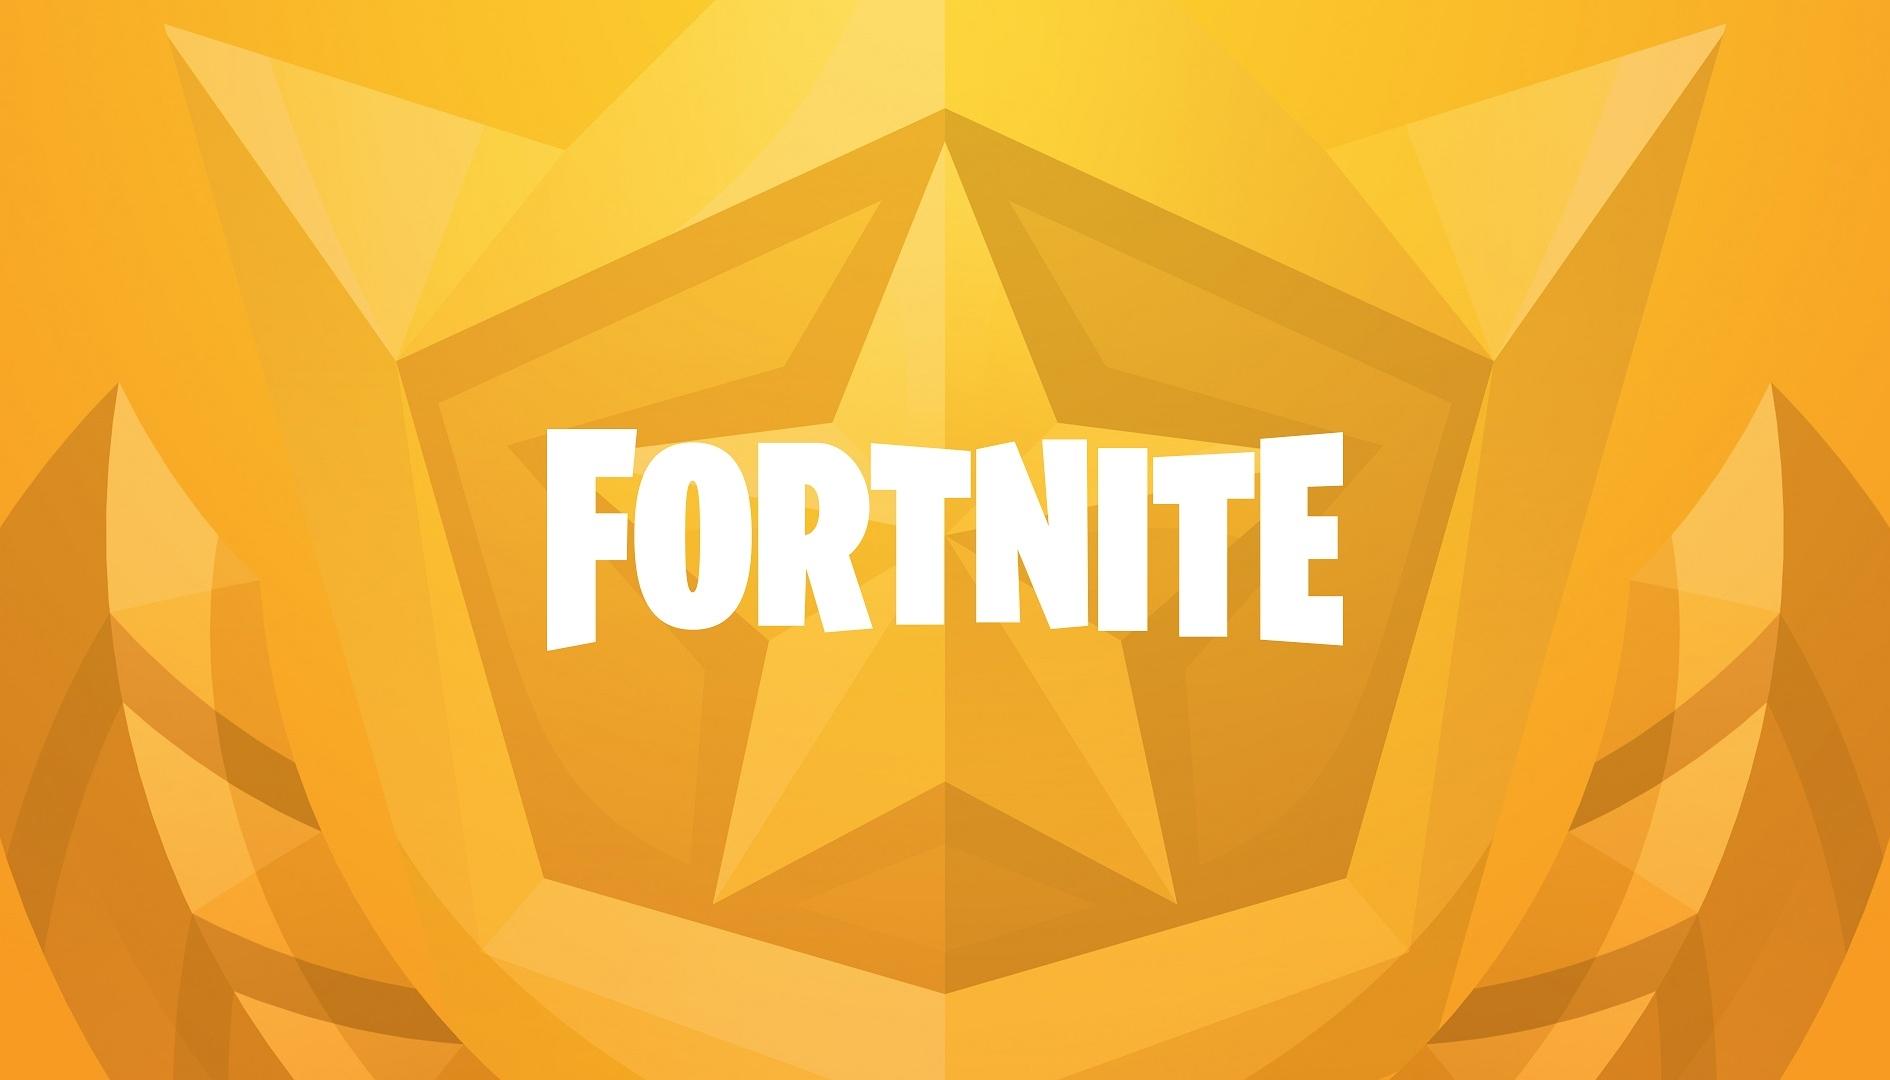 Fortnite: definirlo una miniera d'oro è poco, incassi devastanti per Epic